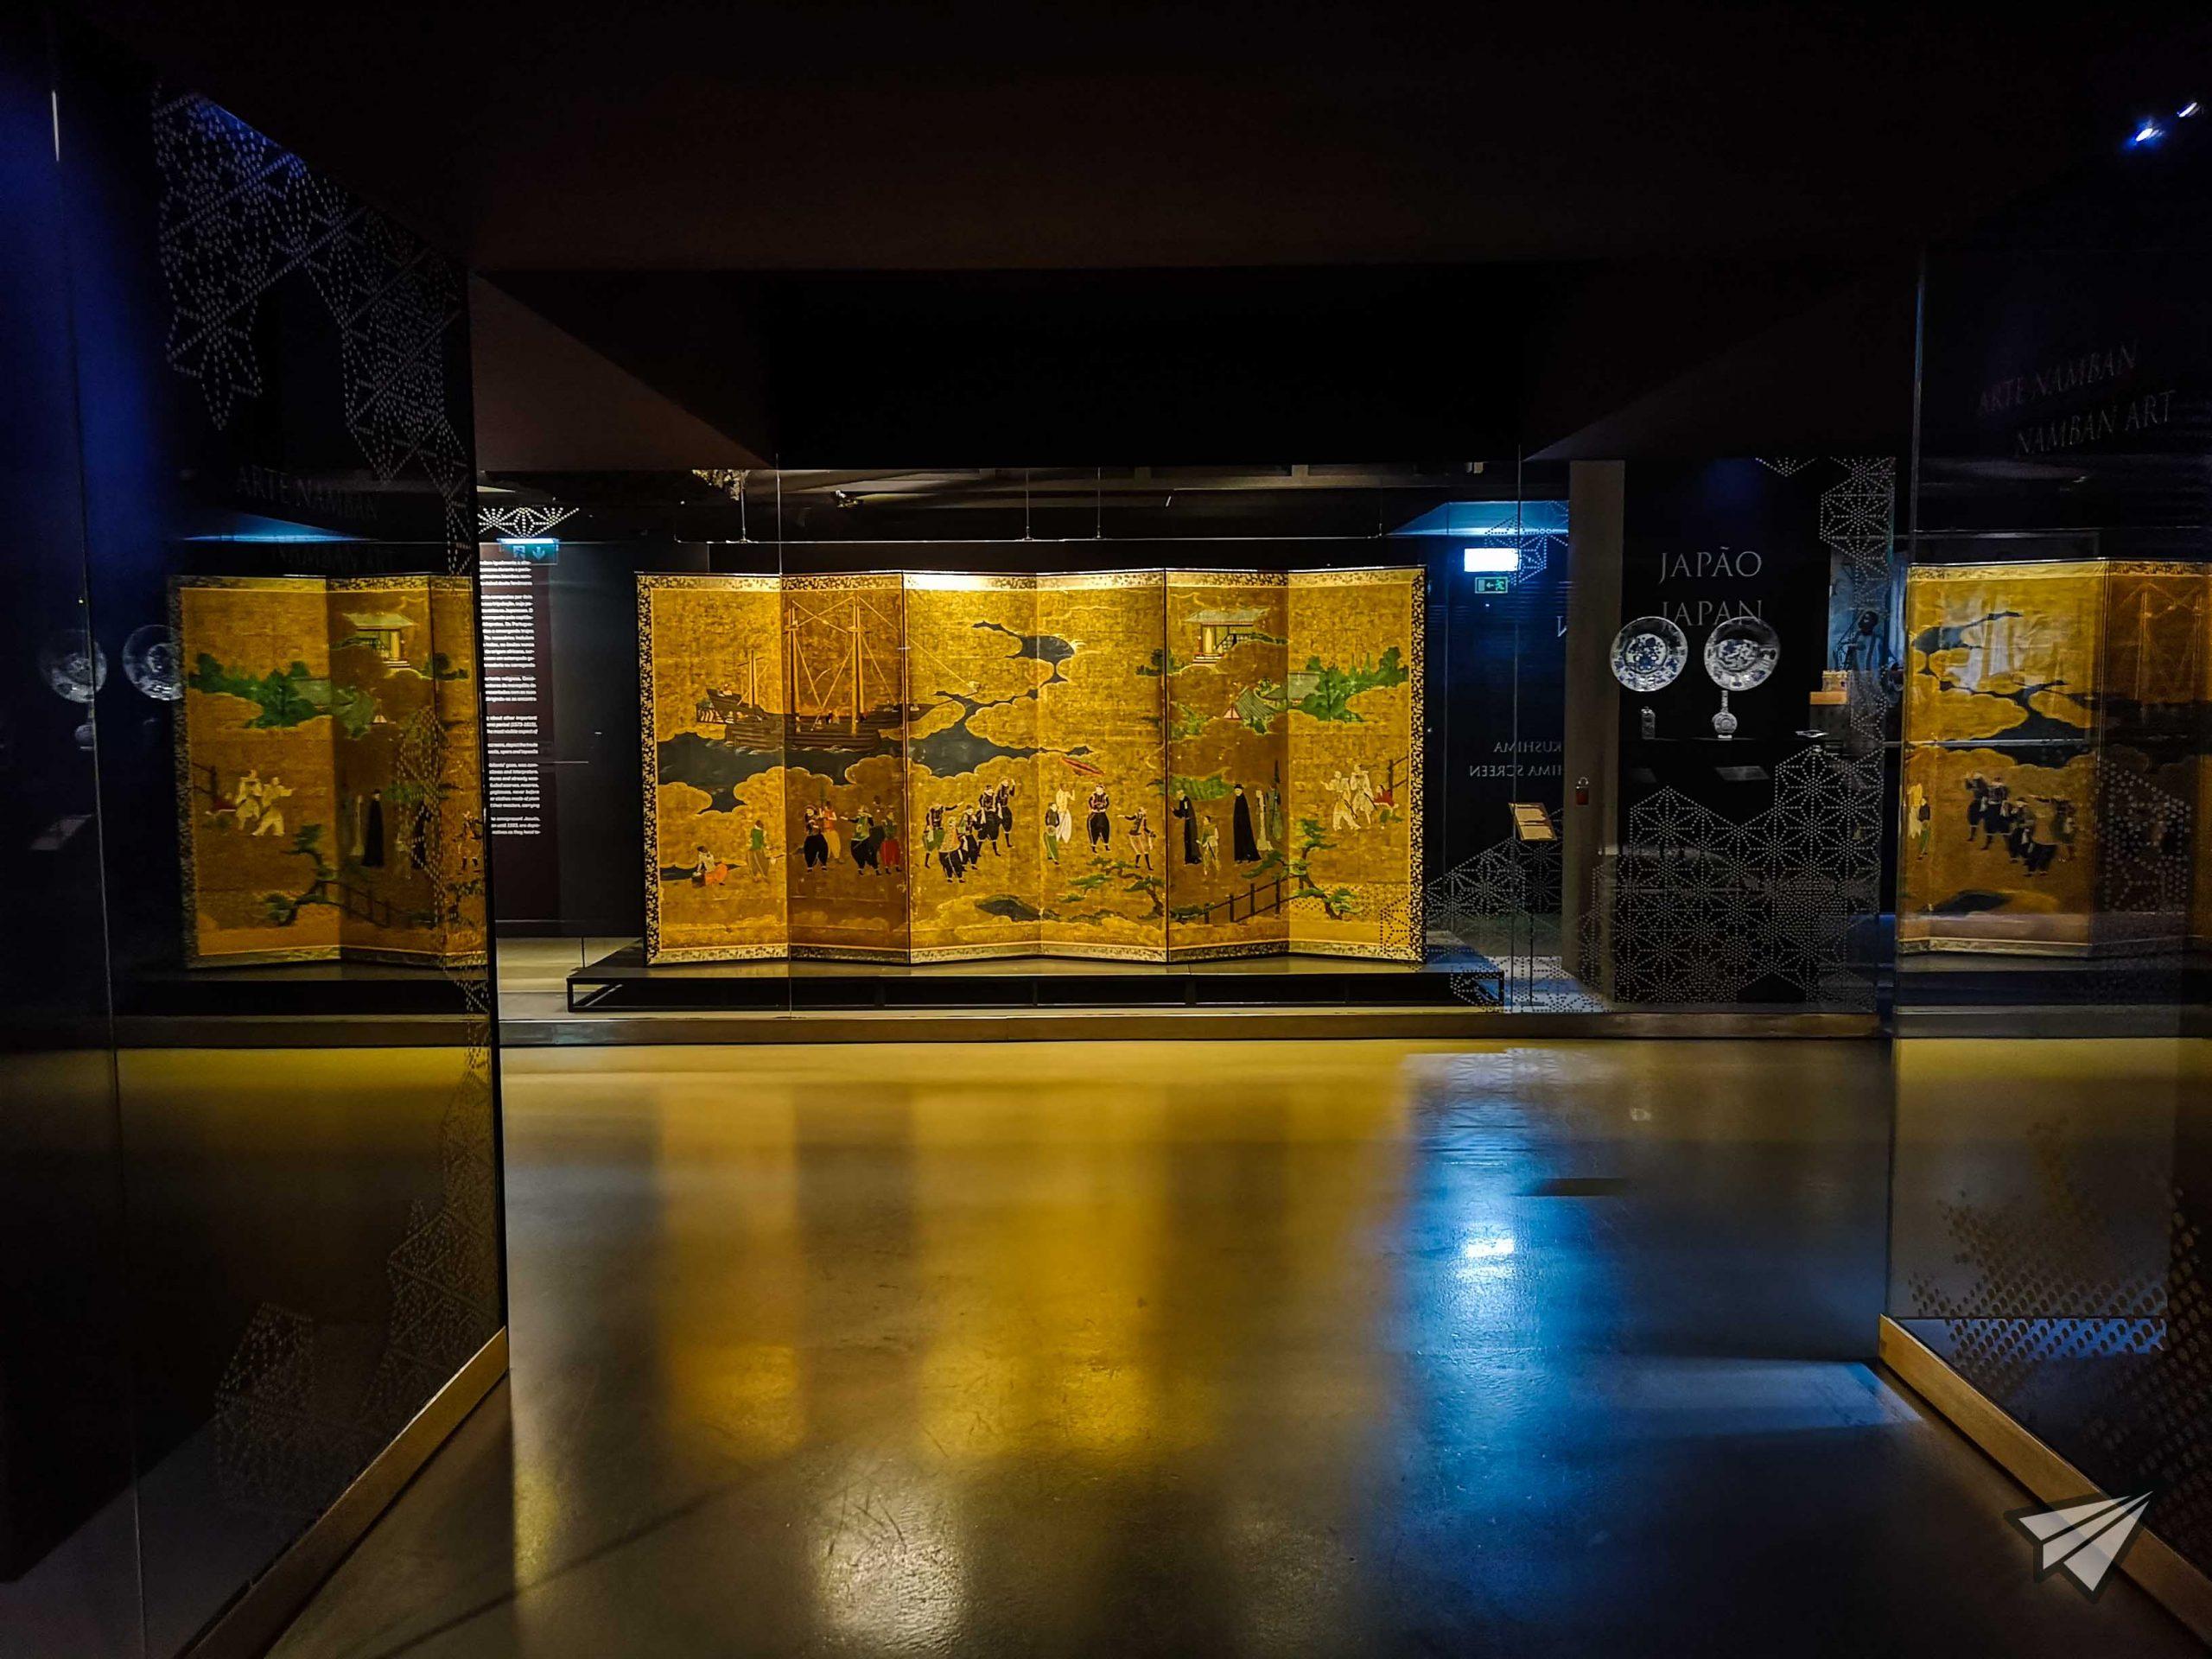 Museu do Oriente room